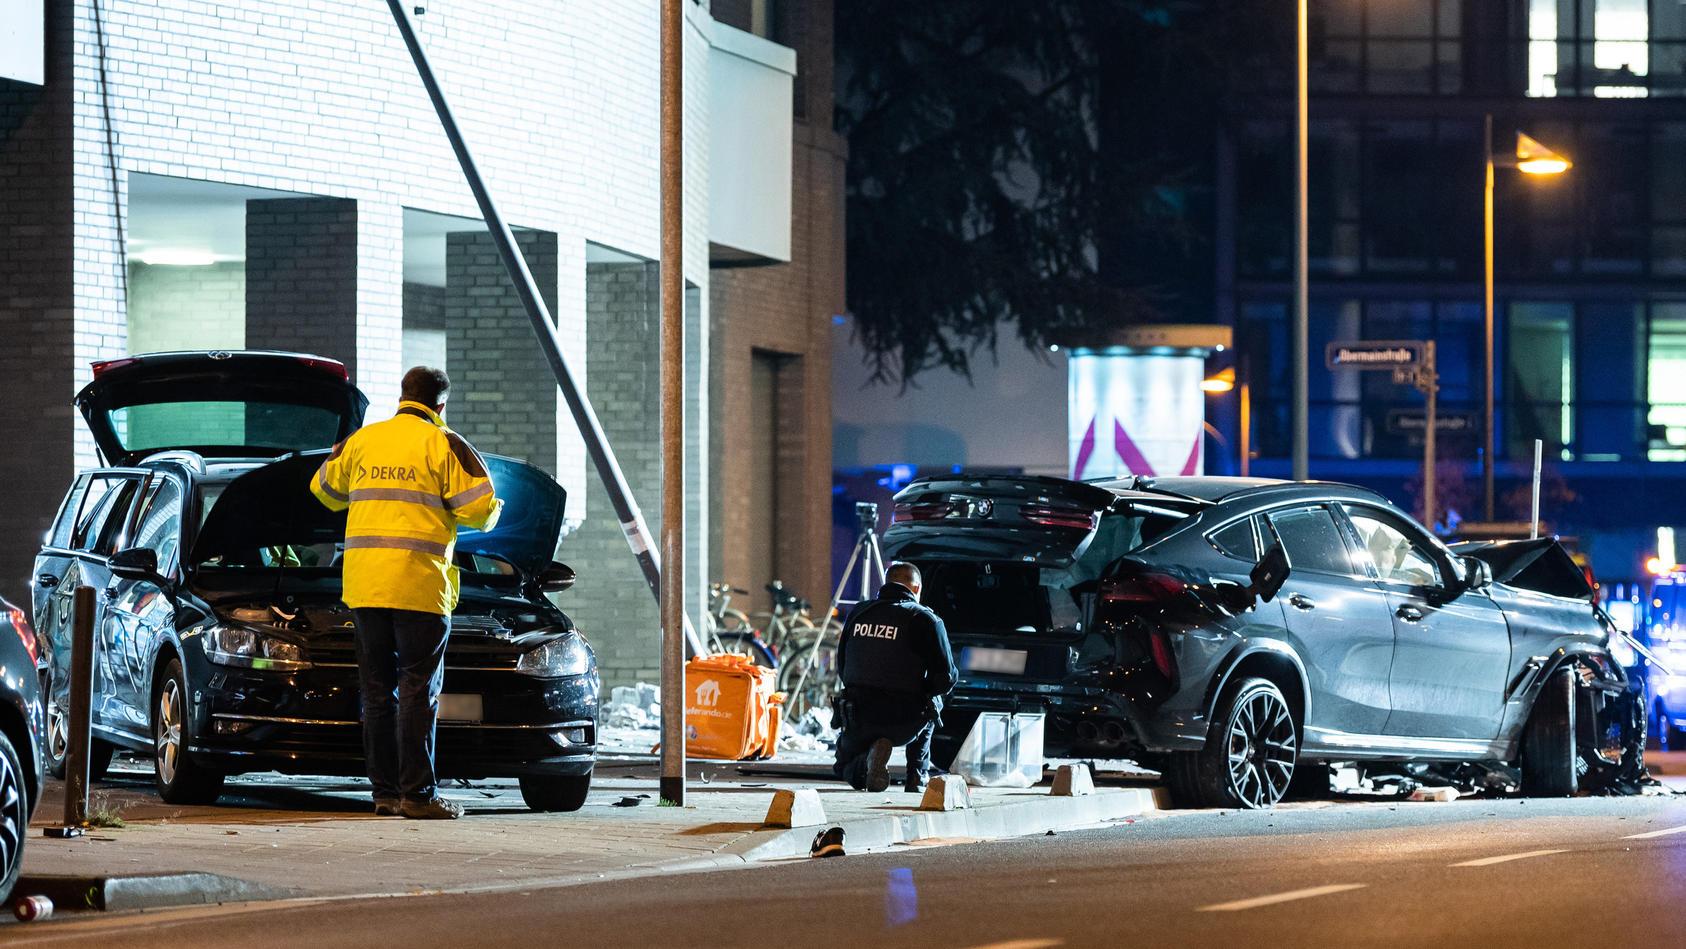 Bei dem Unfall in Frankfurt kamen zwei Menschen ums Leben, eine Frau wurde schwerverletzt.